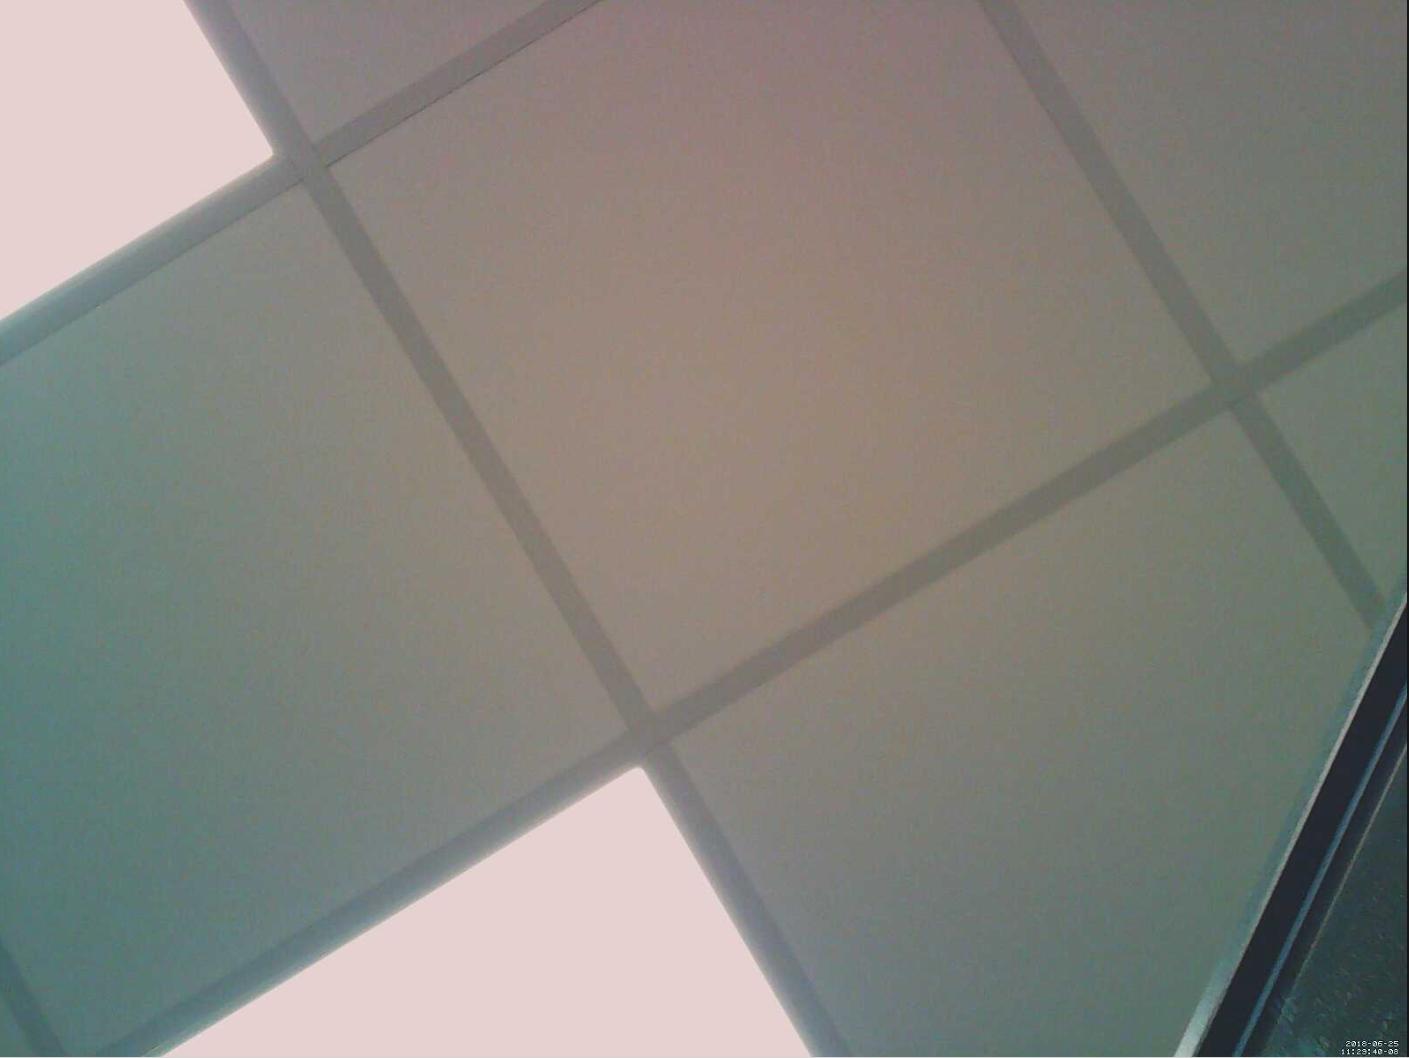 V4l2 Pixel Format